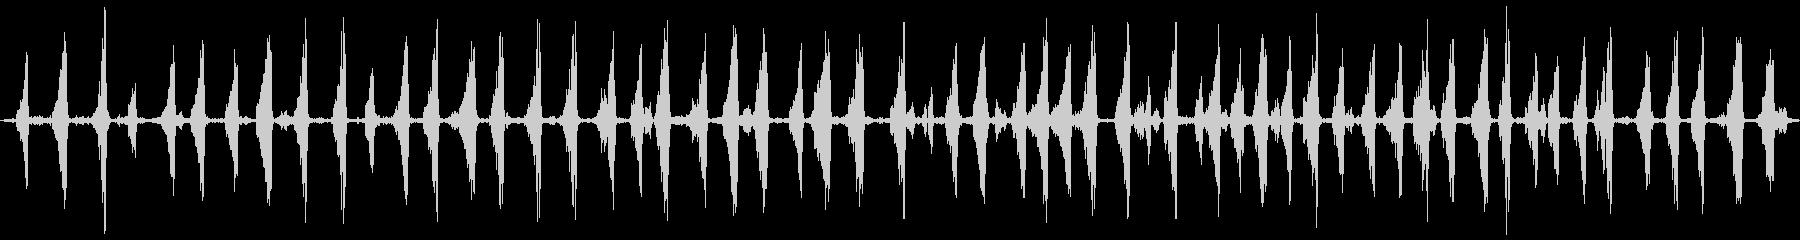 イイジマムシクイのさえずり(長め)の未再生の波形